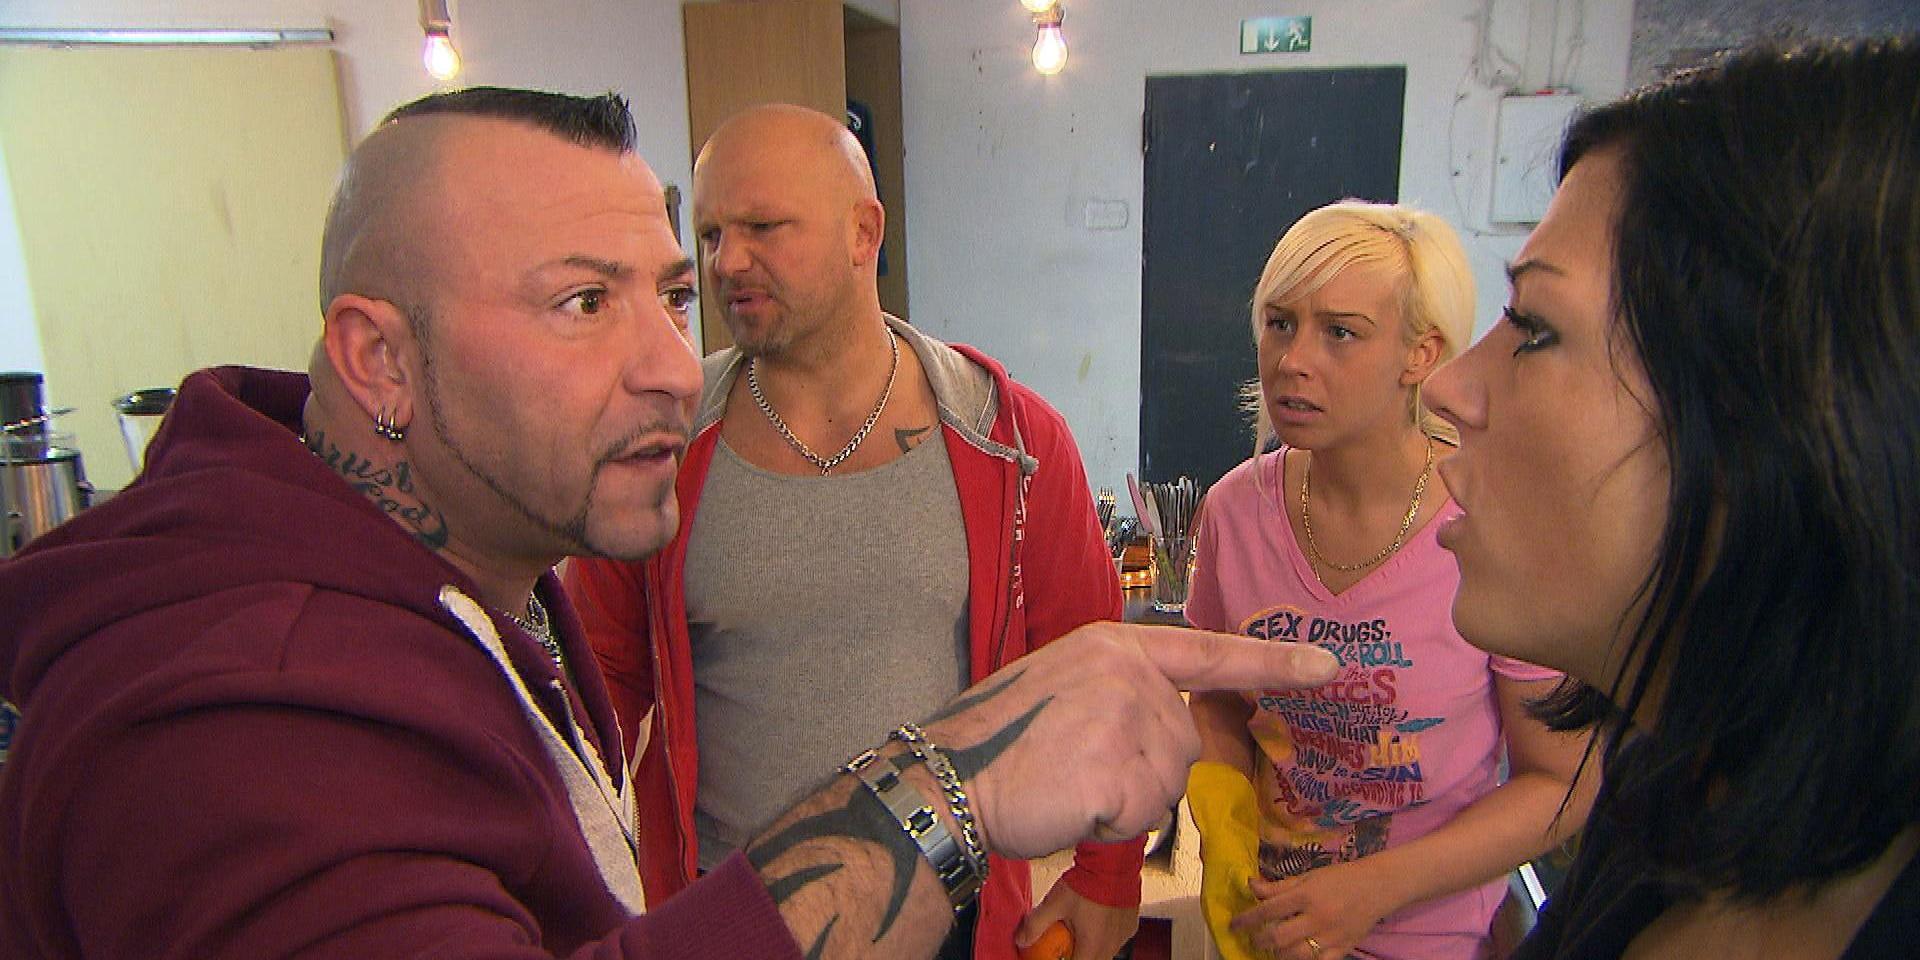 Berlin Tag und Nacht: Verlässt Fabrizio die WG? - TV News